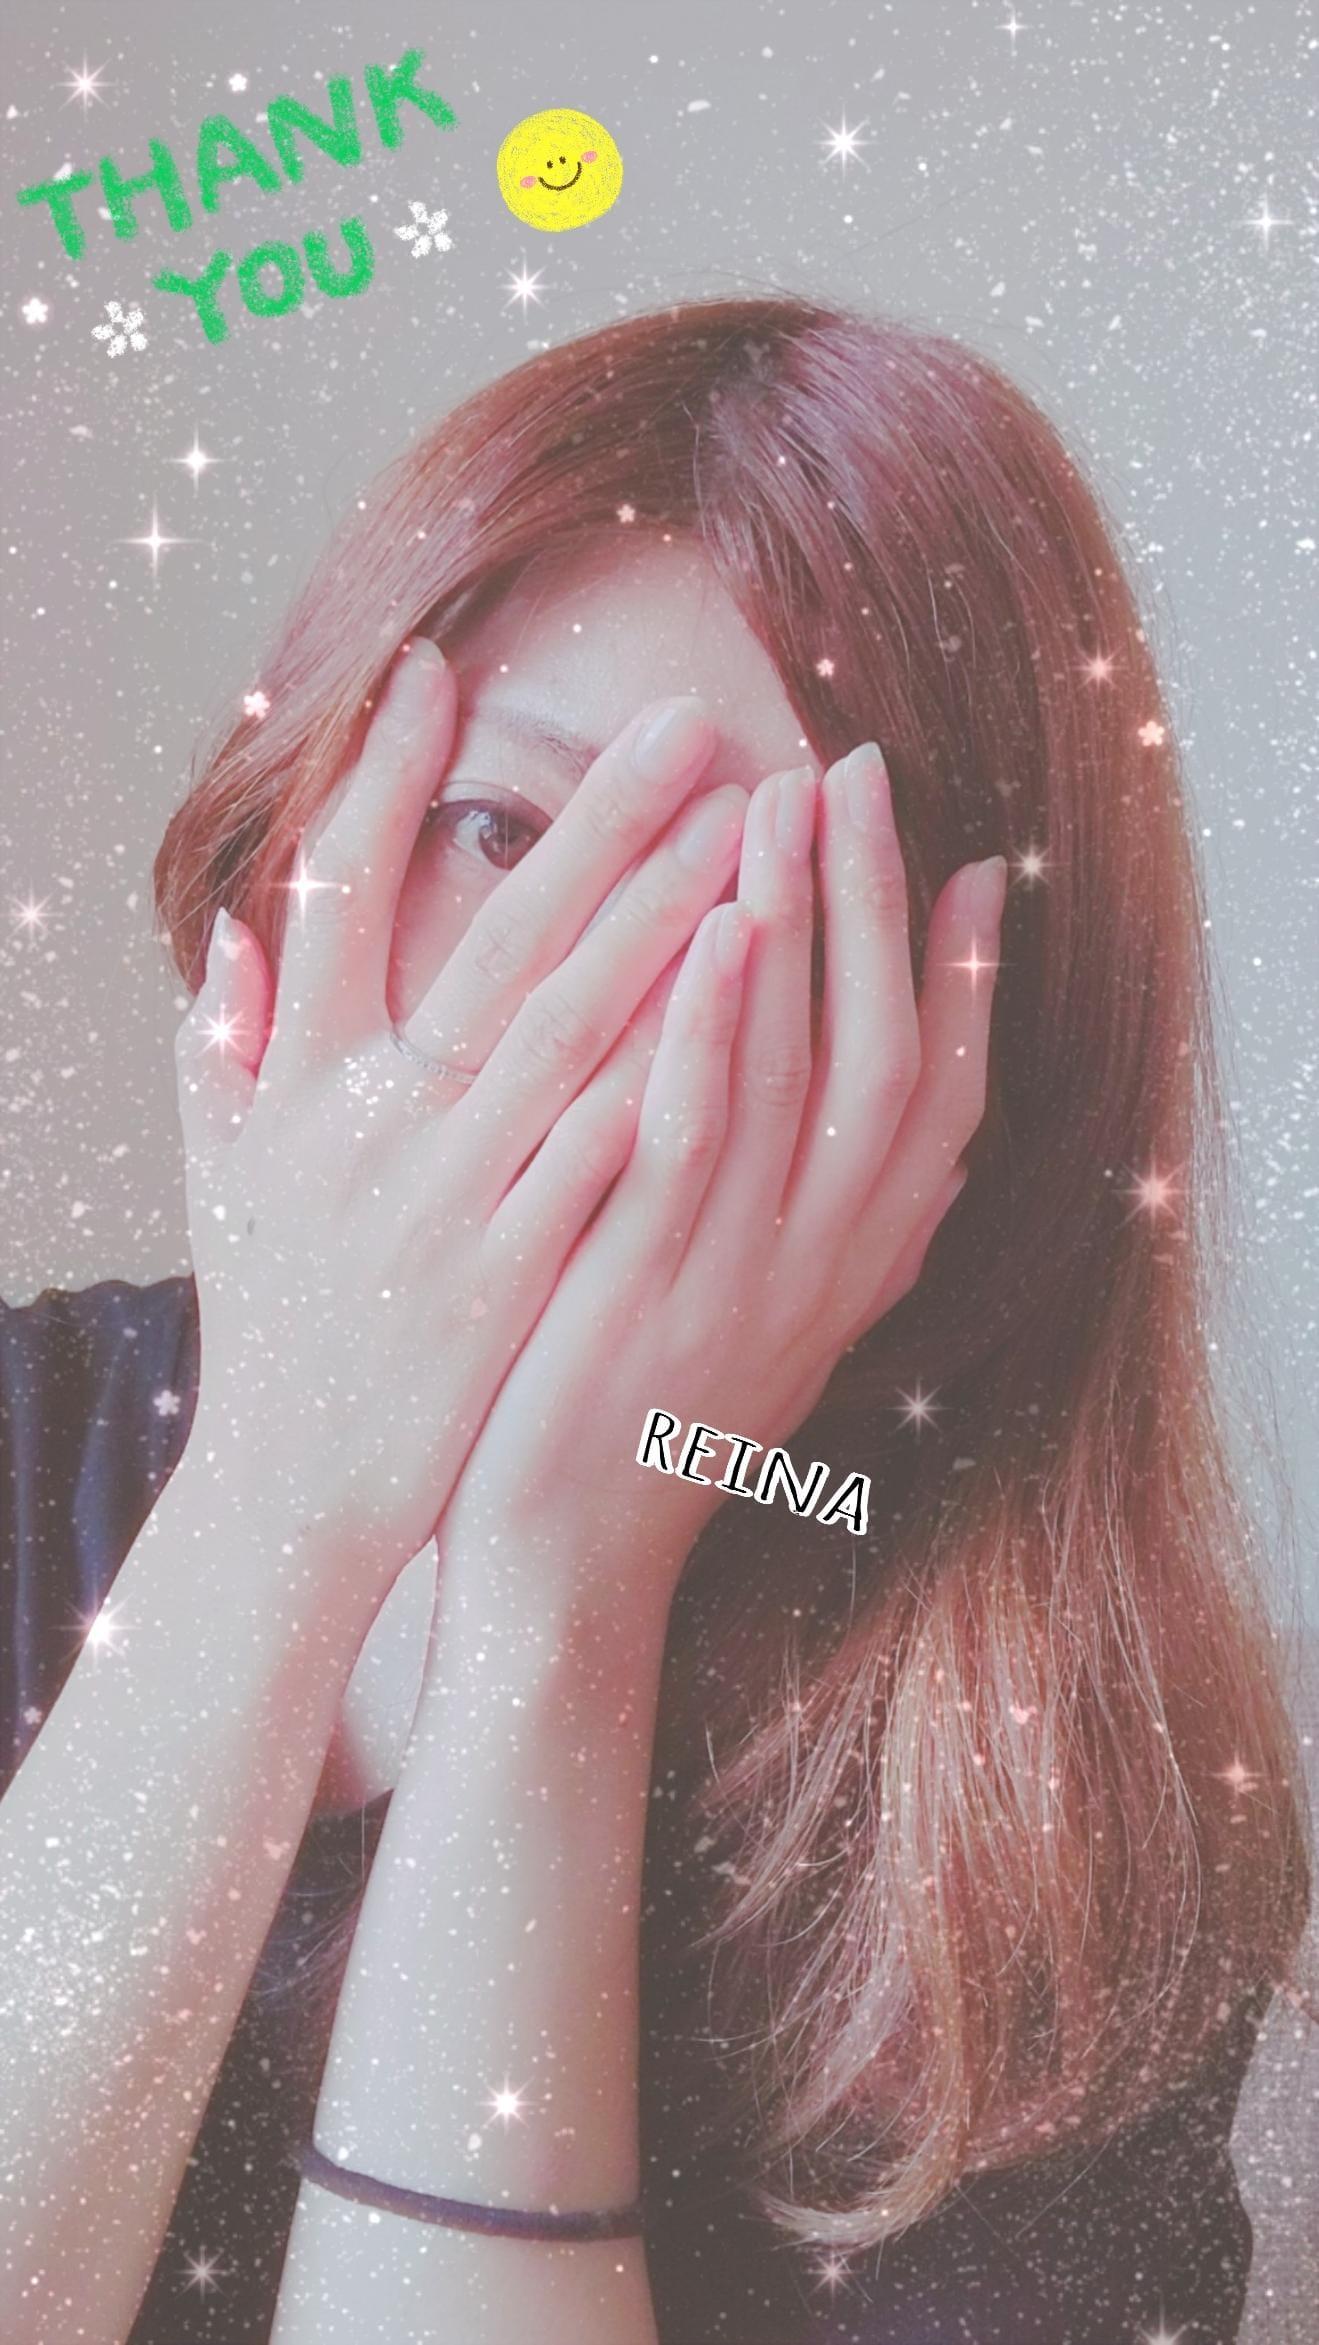 「こんばんは♪」10/17(10/17) 02:00 | れいなの写メ・風俗動画